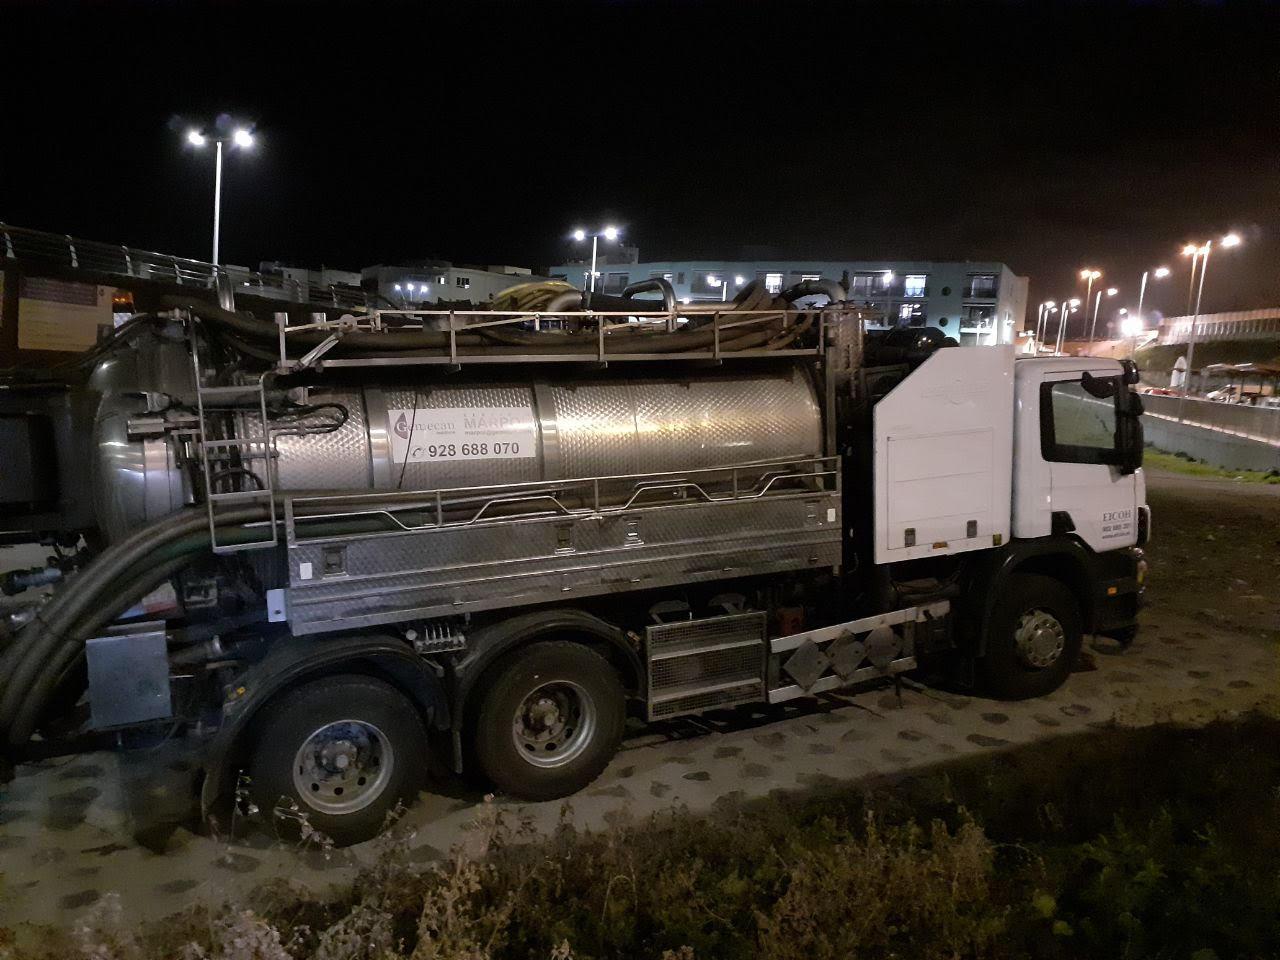 Limpieza de la Estación de Bombeo de Aguas Residuales (EBAR) de El Puertillo de Arucas / CanariasNoticias.es